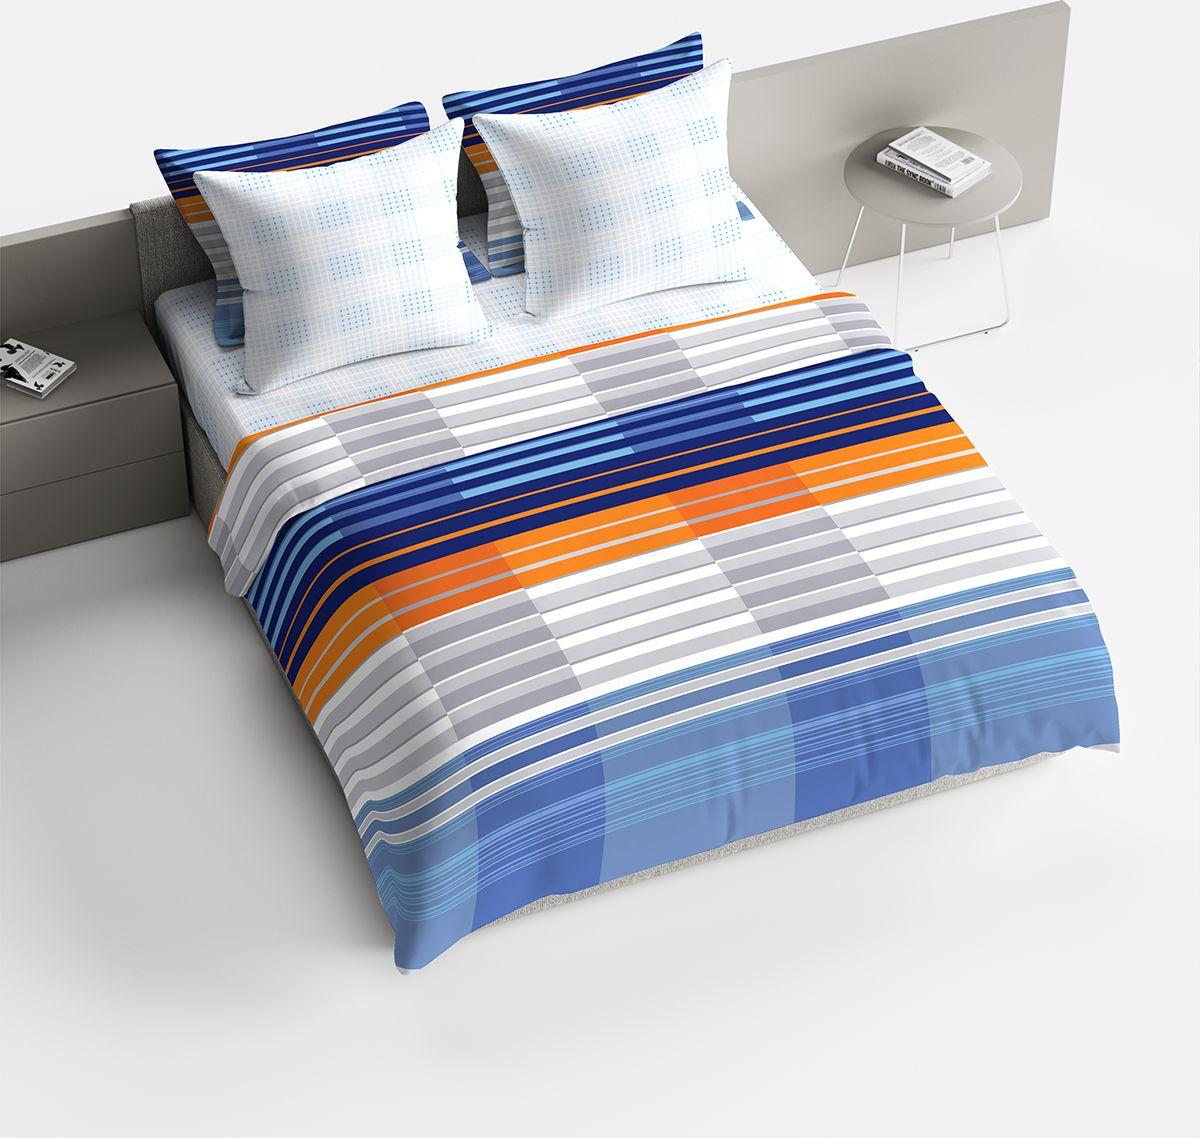 Комплект белья Браво Марино, 2-спальное, наволочки 70x70, цвет: синий91924Комплекты постельного белья из ткани LUX COTTON (высококачественный поплин), сотканной из длинноволокнистого египетского хлопка, созданы специально для людей с оригинальным вкусом, предпочитающим современные решения в интерьере. Обновленная стильная упаковка делает этот комплект отличным подарком. • Равноплотная ткань из 100% хлопка; • Обработана по технологии мерсеризации и санфоризации; • Мягкая и нежная на ощупь; • Устойчива к трению; • Обладает высокими показателями гигроскопичности (впитывает влагу); • Выдерживает частые стирки, сохраняя первоначальные цвет, форму и размеры; • Безопасные красители ведущего немецкого производителя BEZEMA